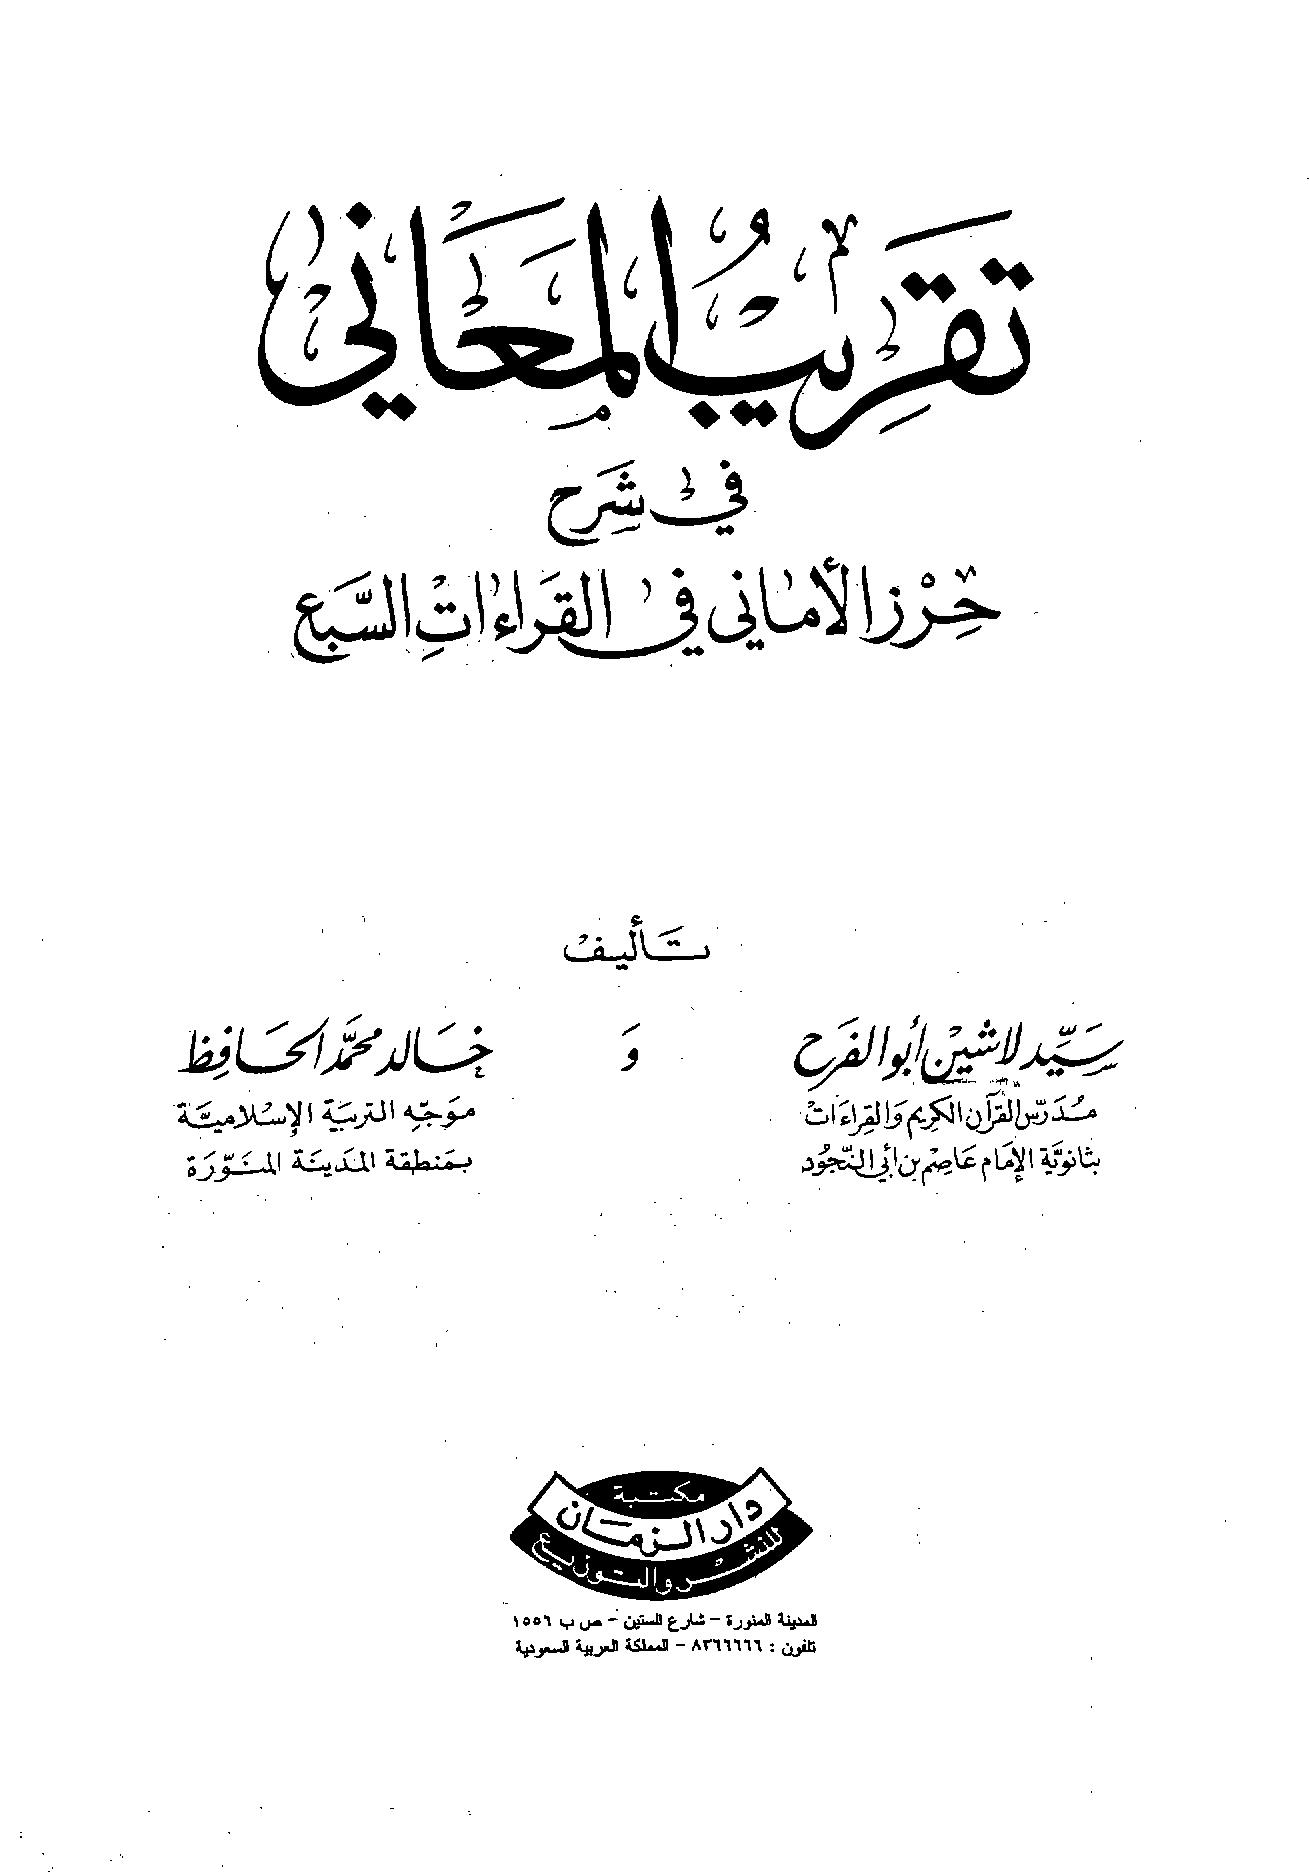 تحميل كتاب تقريب المعاني في شرح حرز الأماني في القراءات السبع لـِ: الشيخ سيد لاشين أبو الفرح (ت 1432)